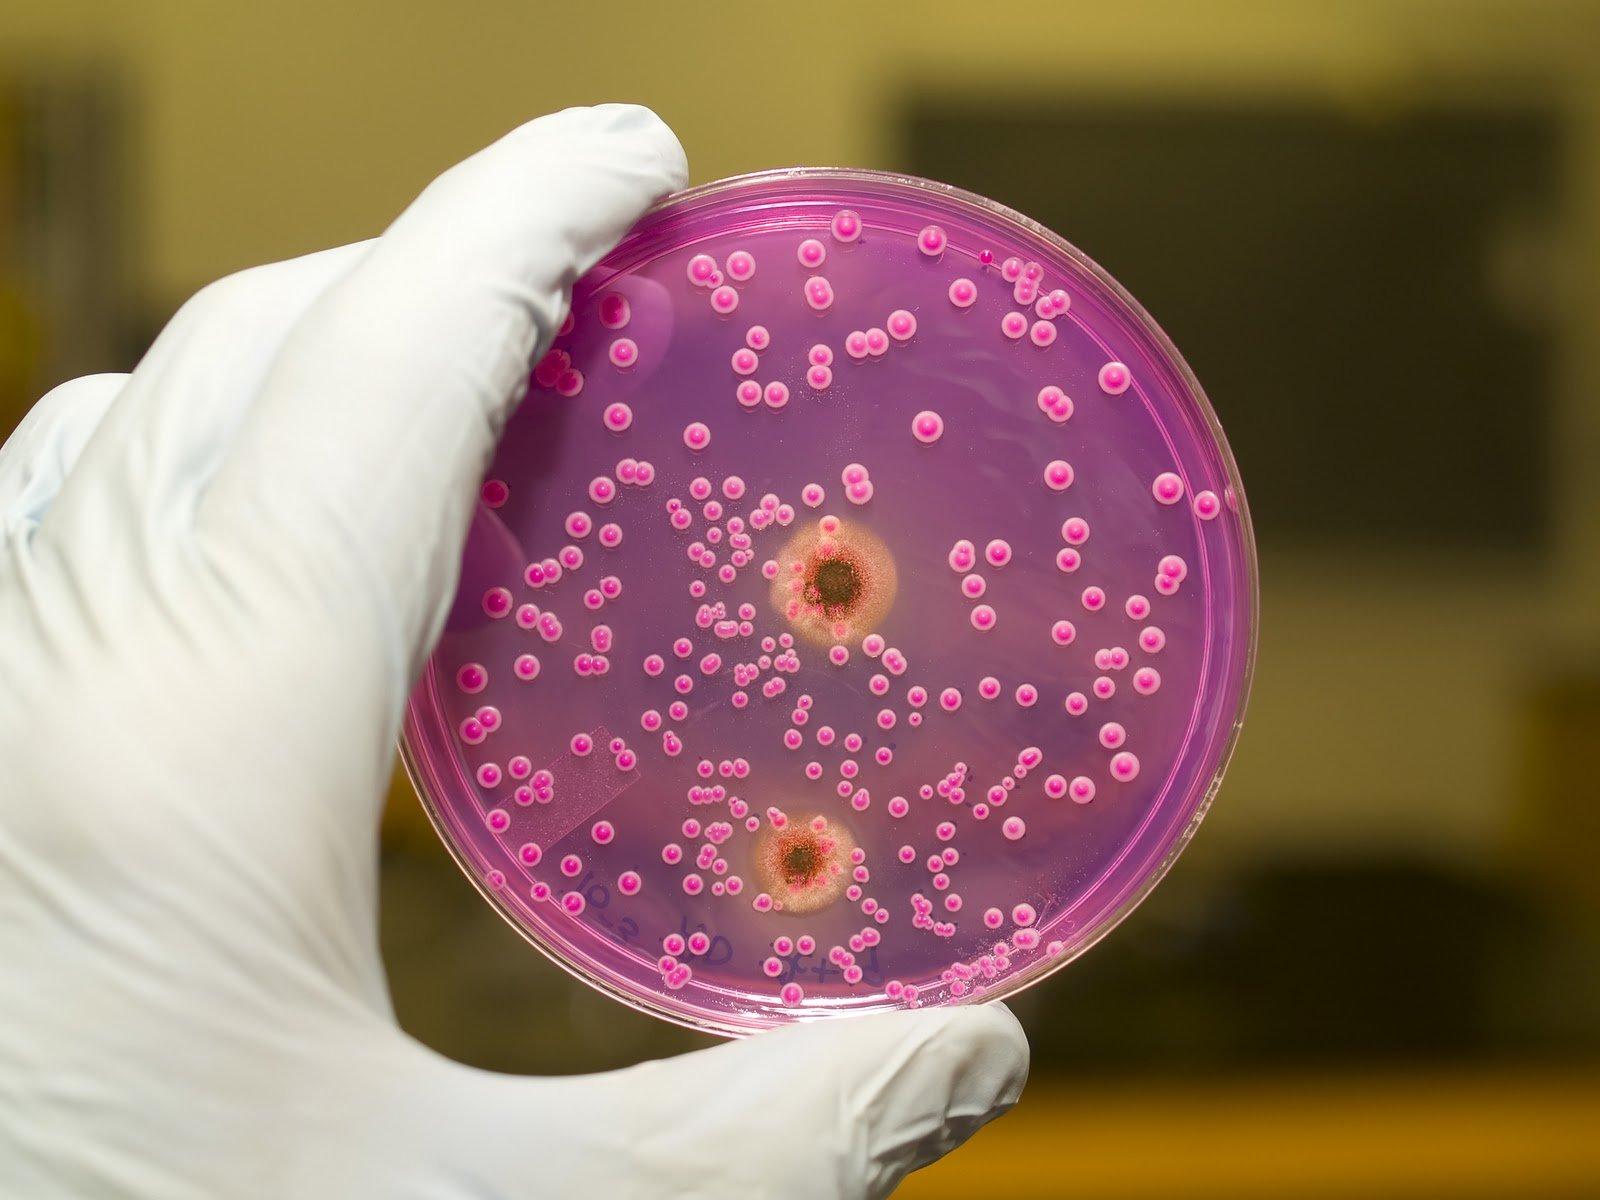 problemi-ot-antibiotikov-s-vlagalishem